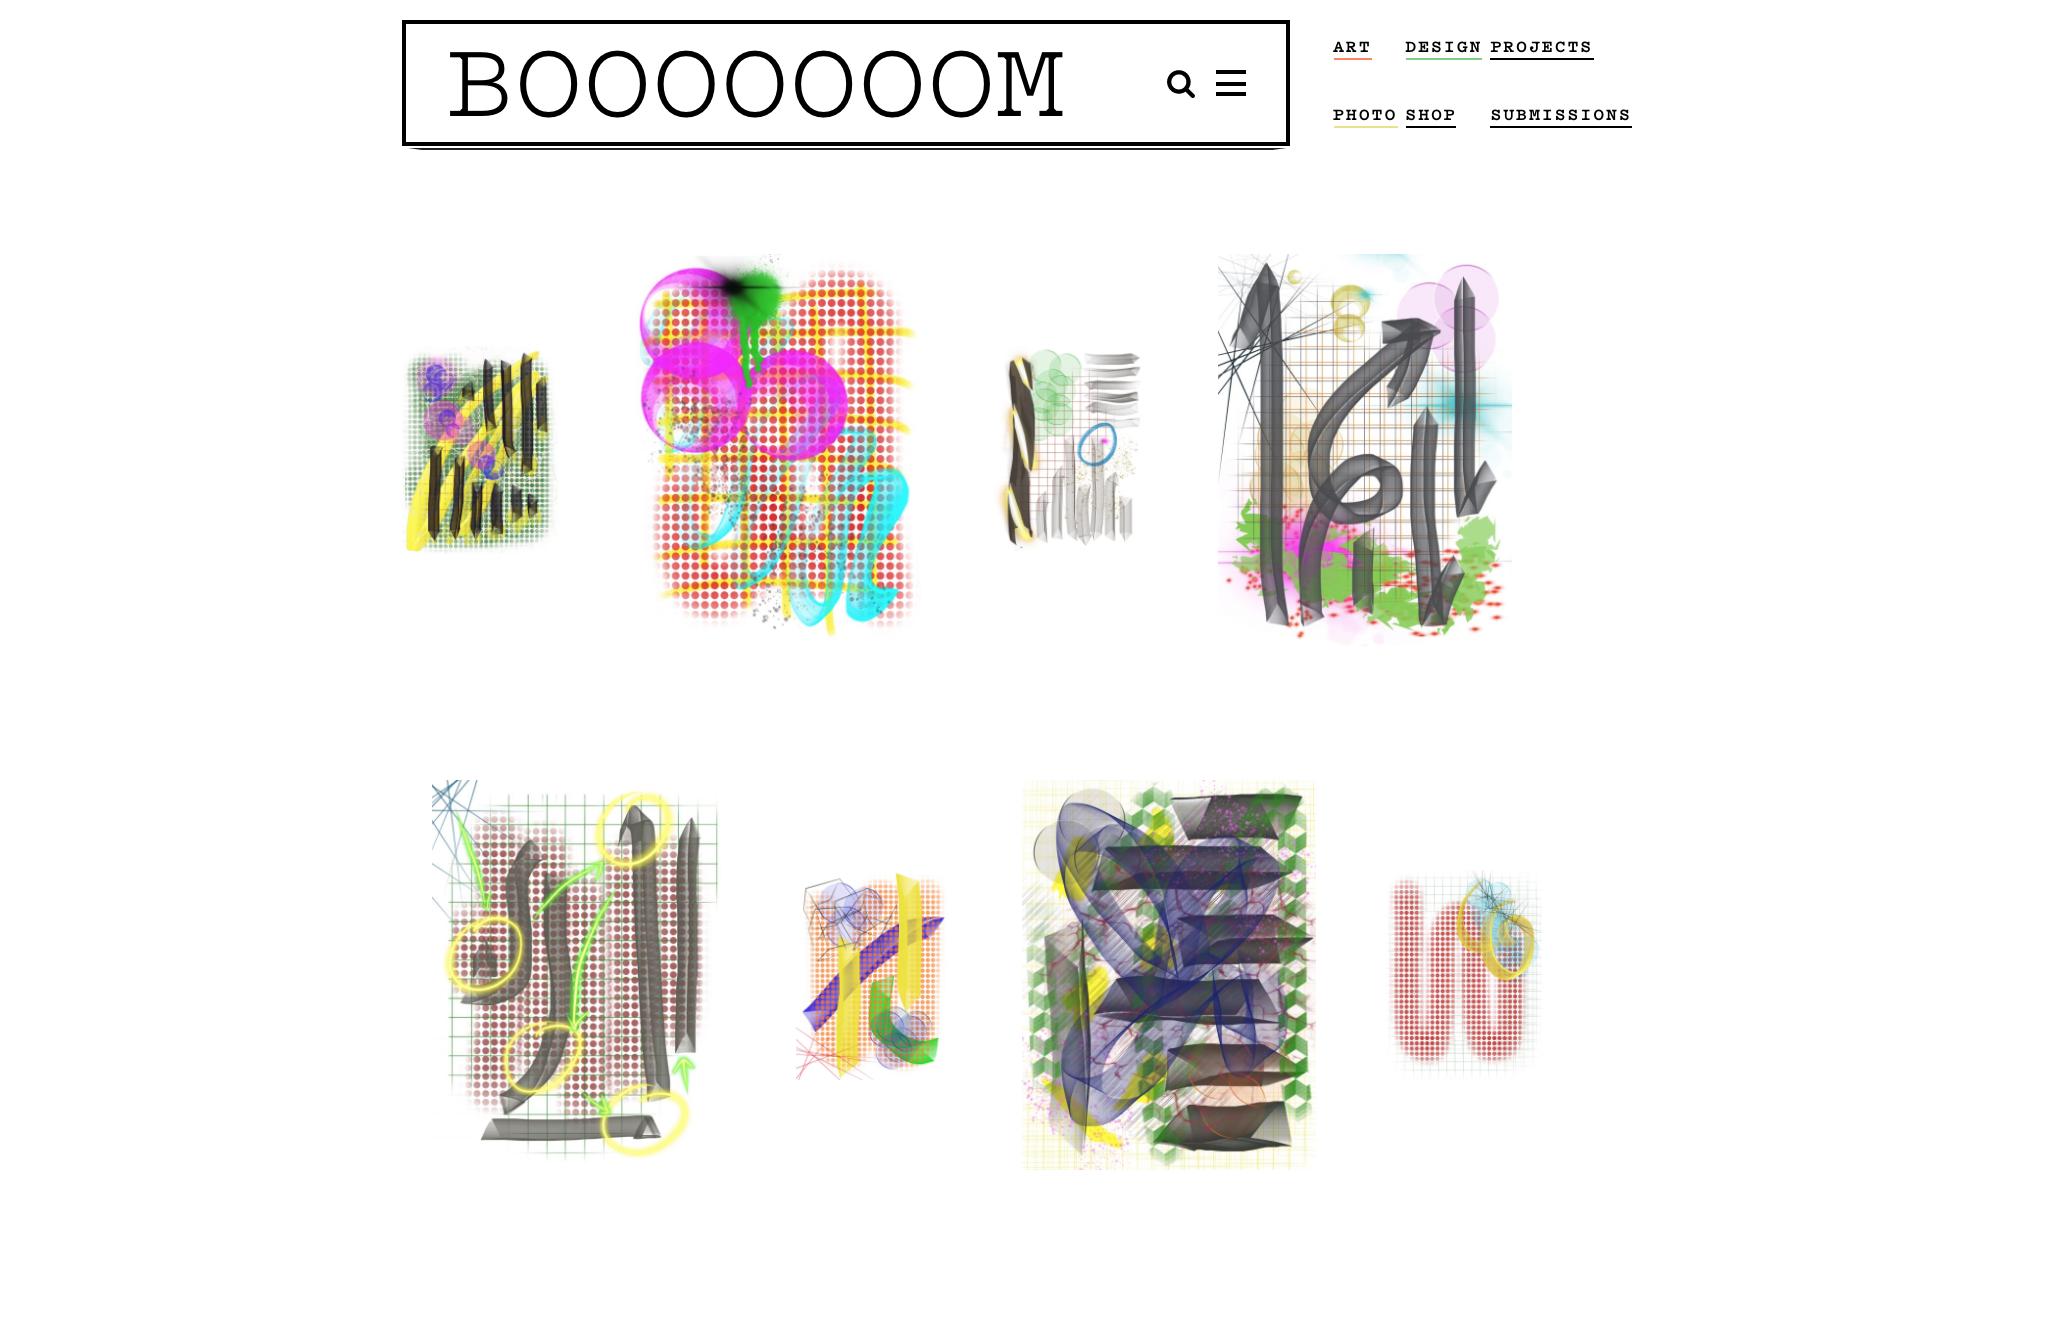 Q4 Shareholder Returns on Booooooom